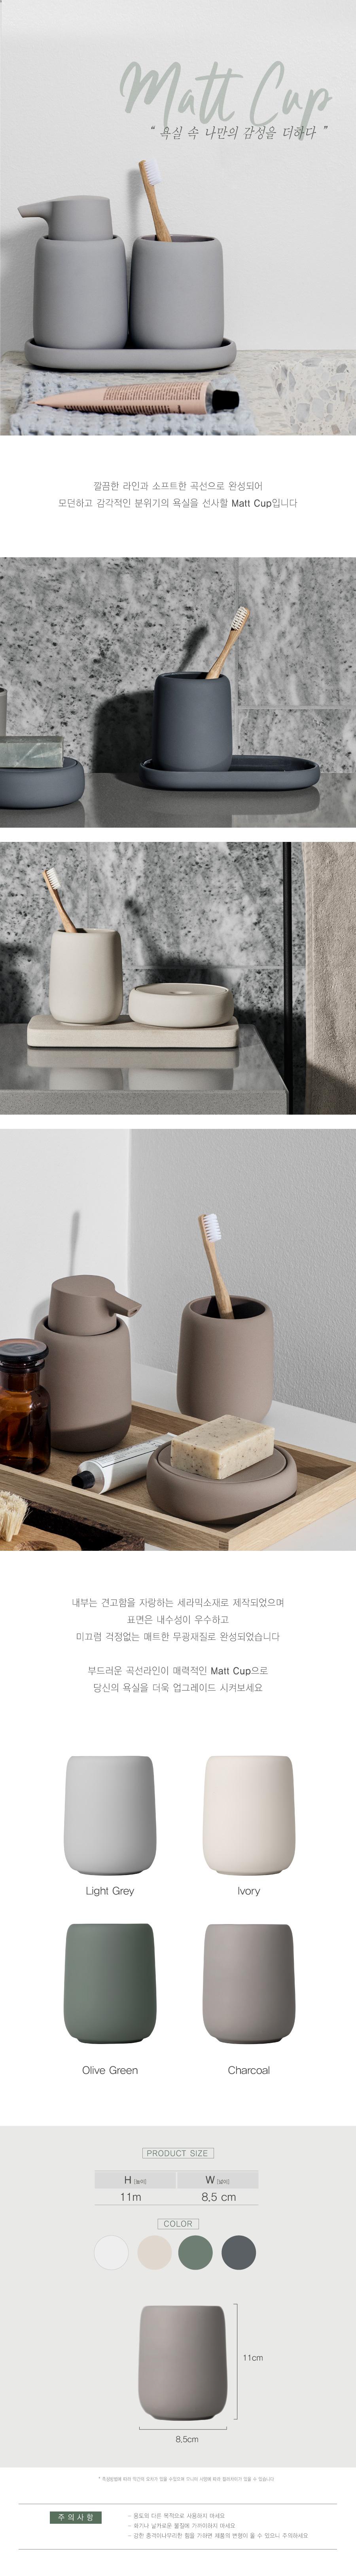 Matt-Cup.jpg